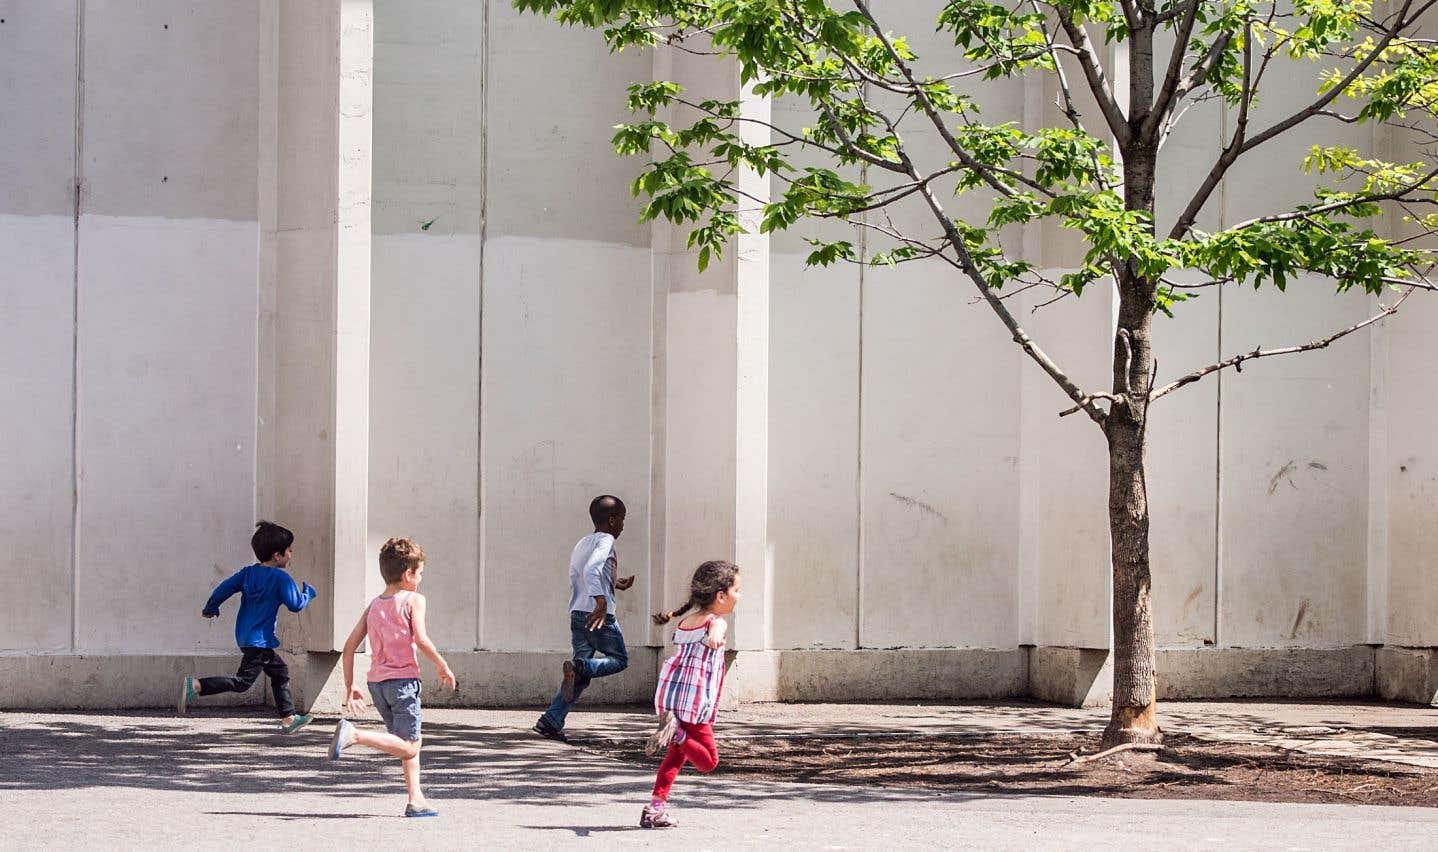 «L'école de quartier joue vraiment son rôle quand les parents et le personnel s'y engagent», note Pascale Grignon, du mouvement citoyen Je protège mon école publique.